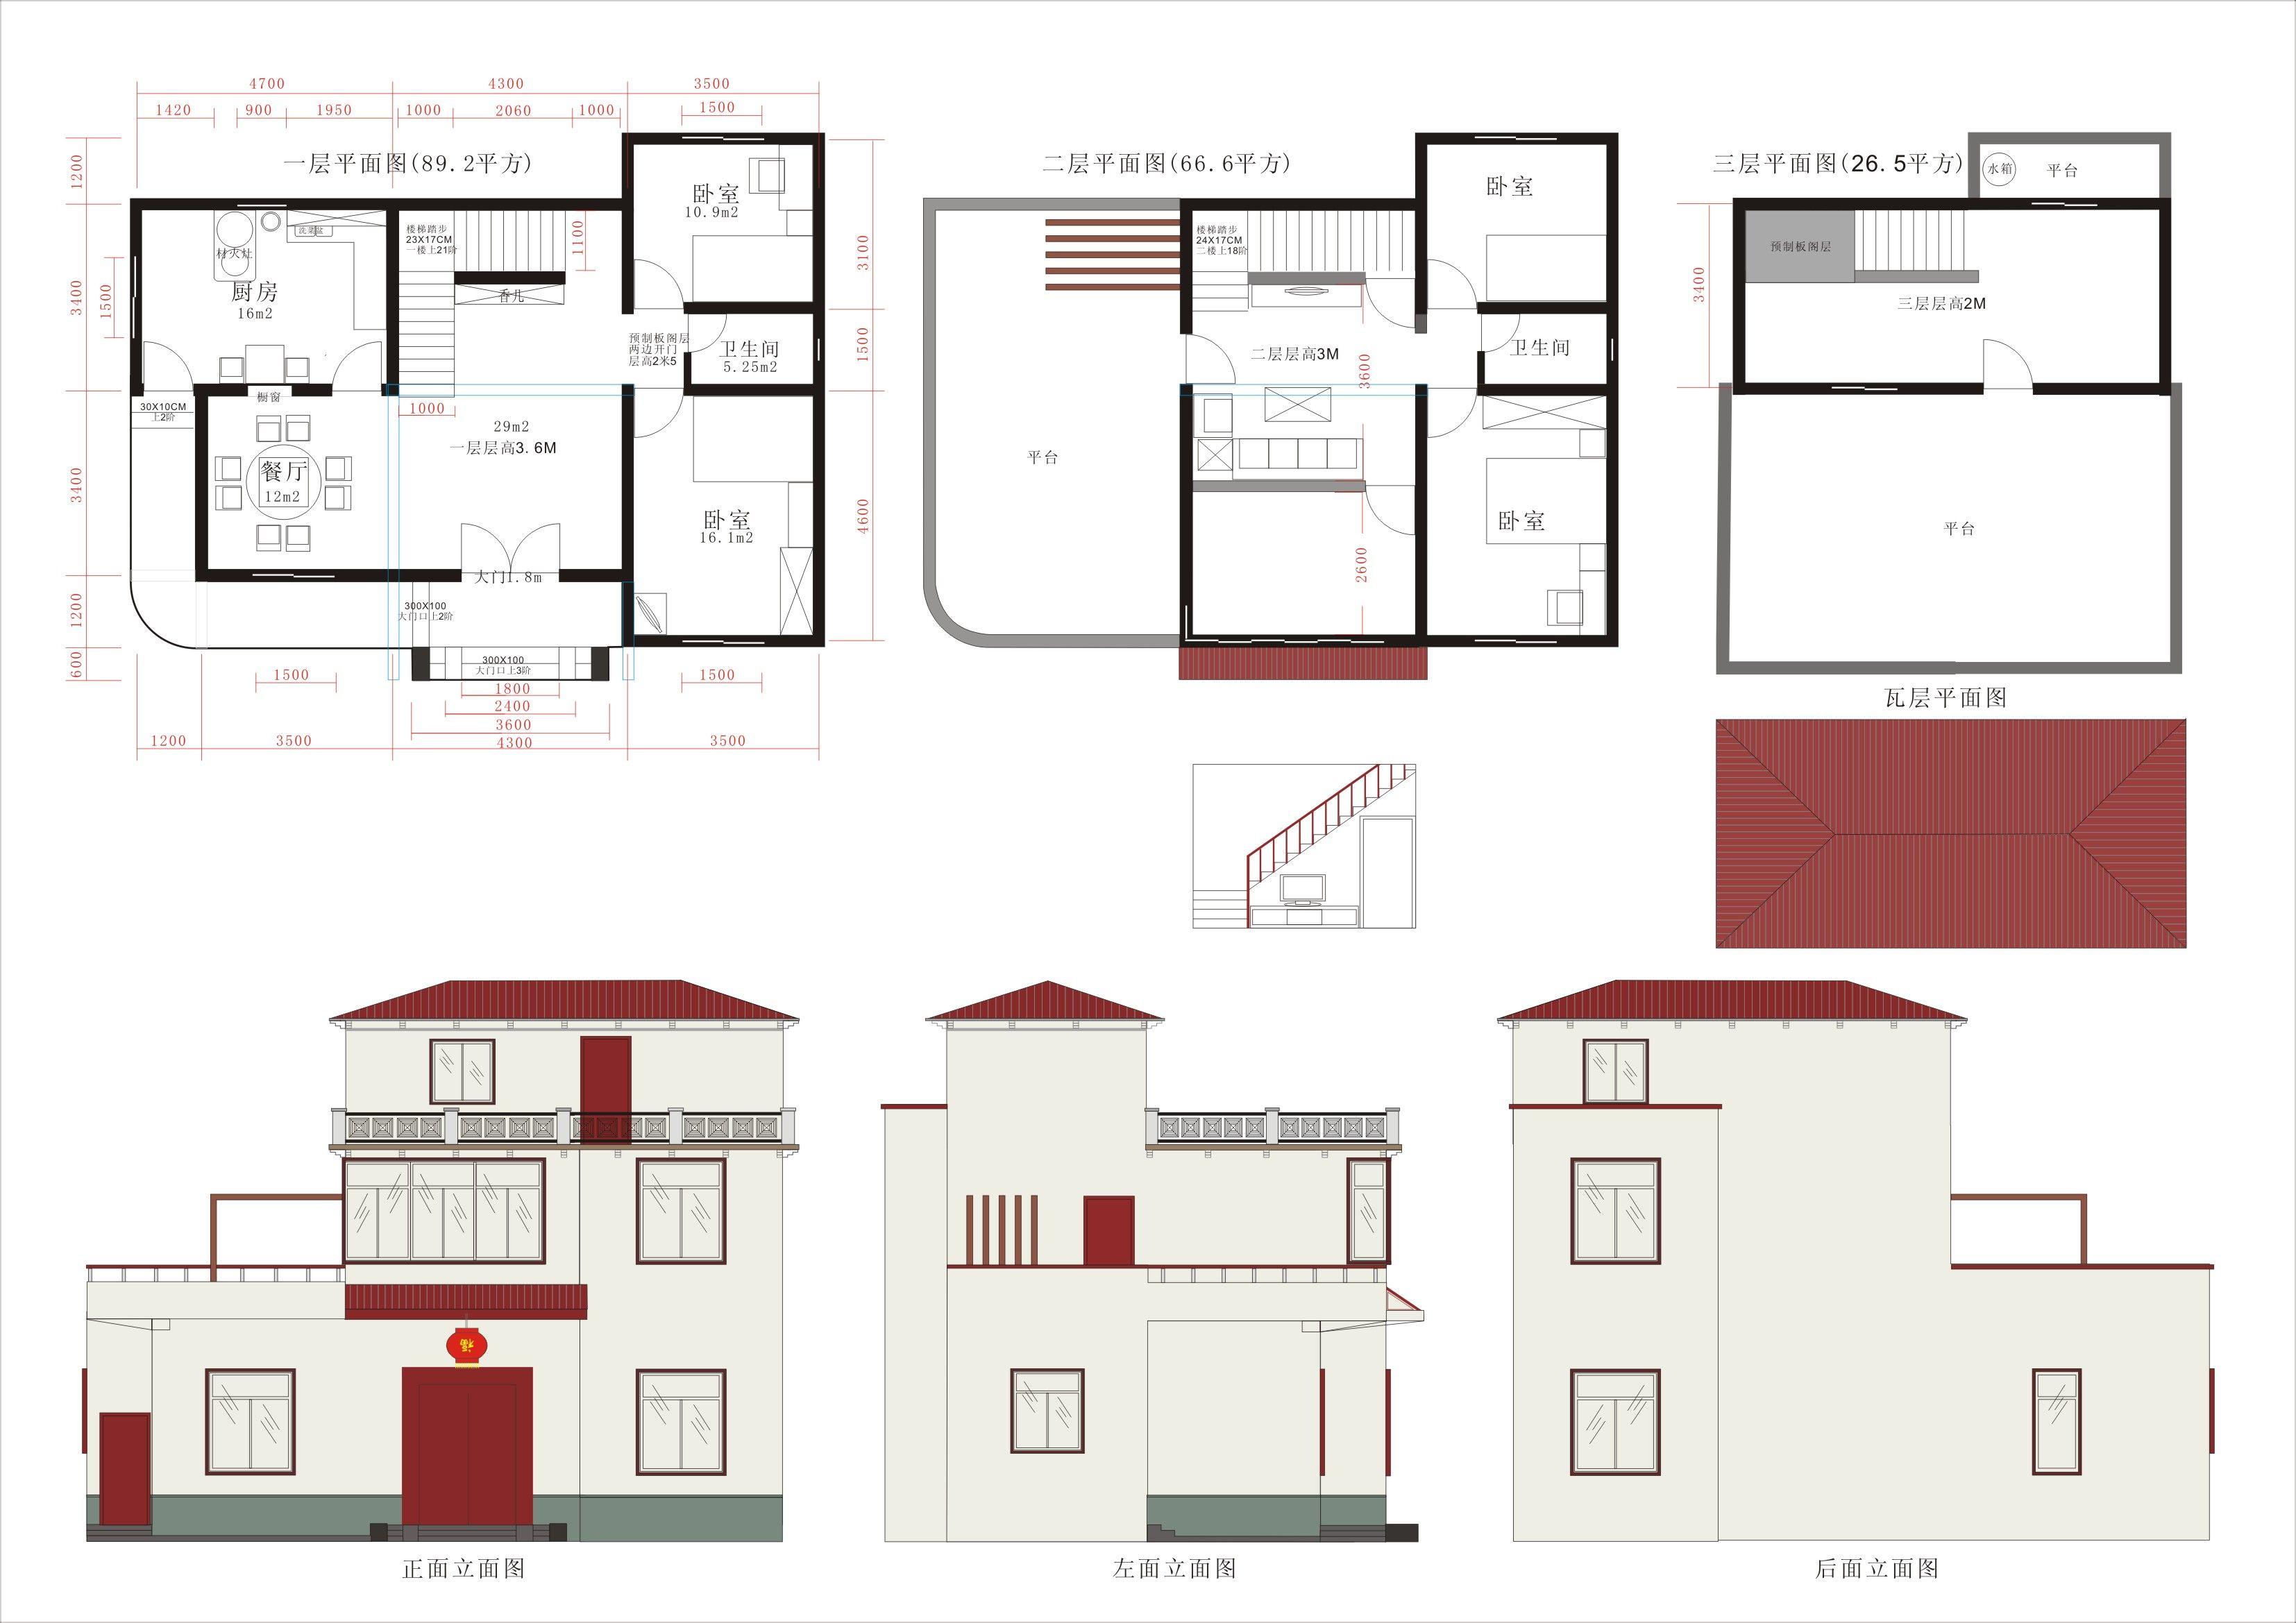 乡村小二楼设计图_乡村小二楼设计图分享展示图片